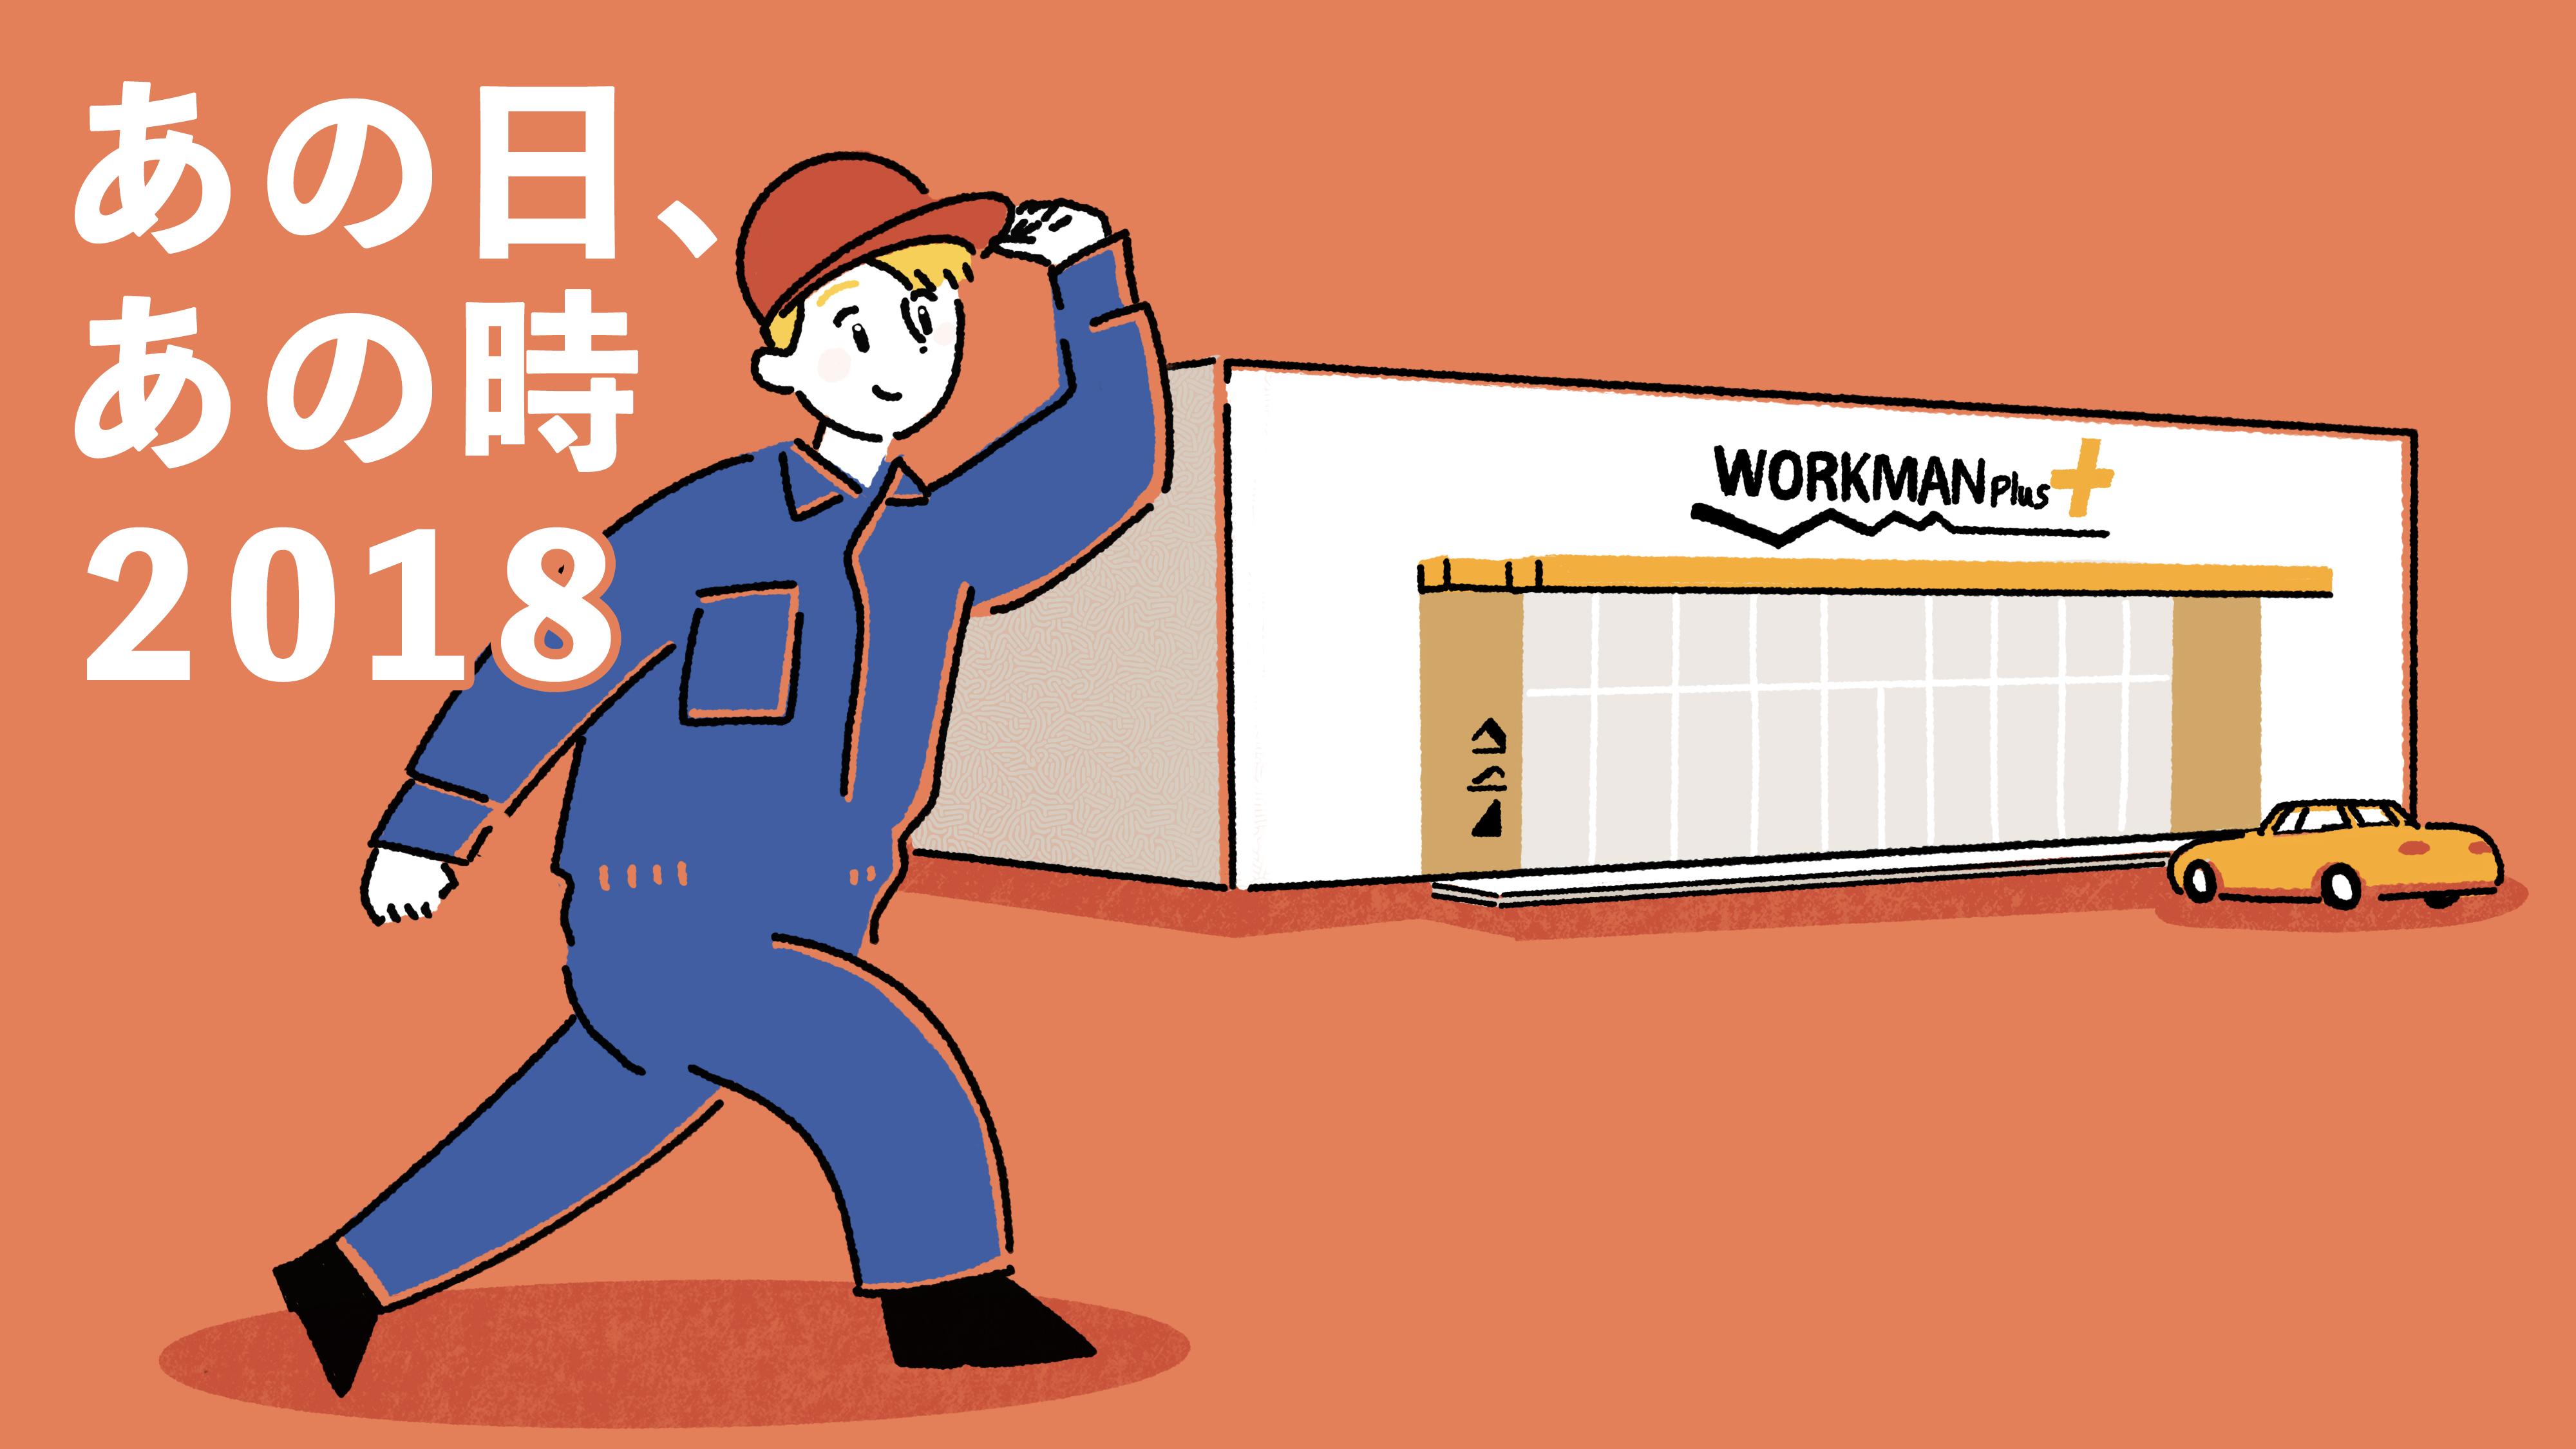 5.ワークマンを毎日100円つみたてしていたら4.4万円